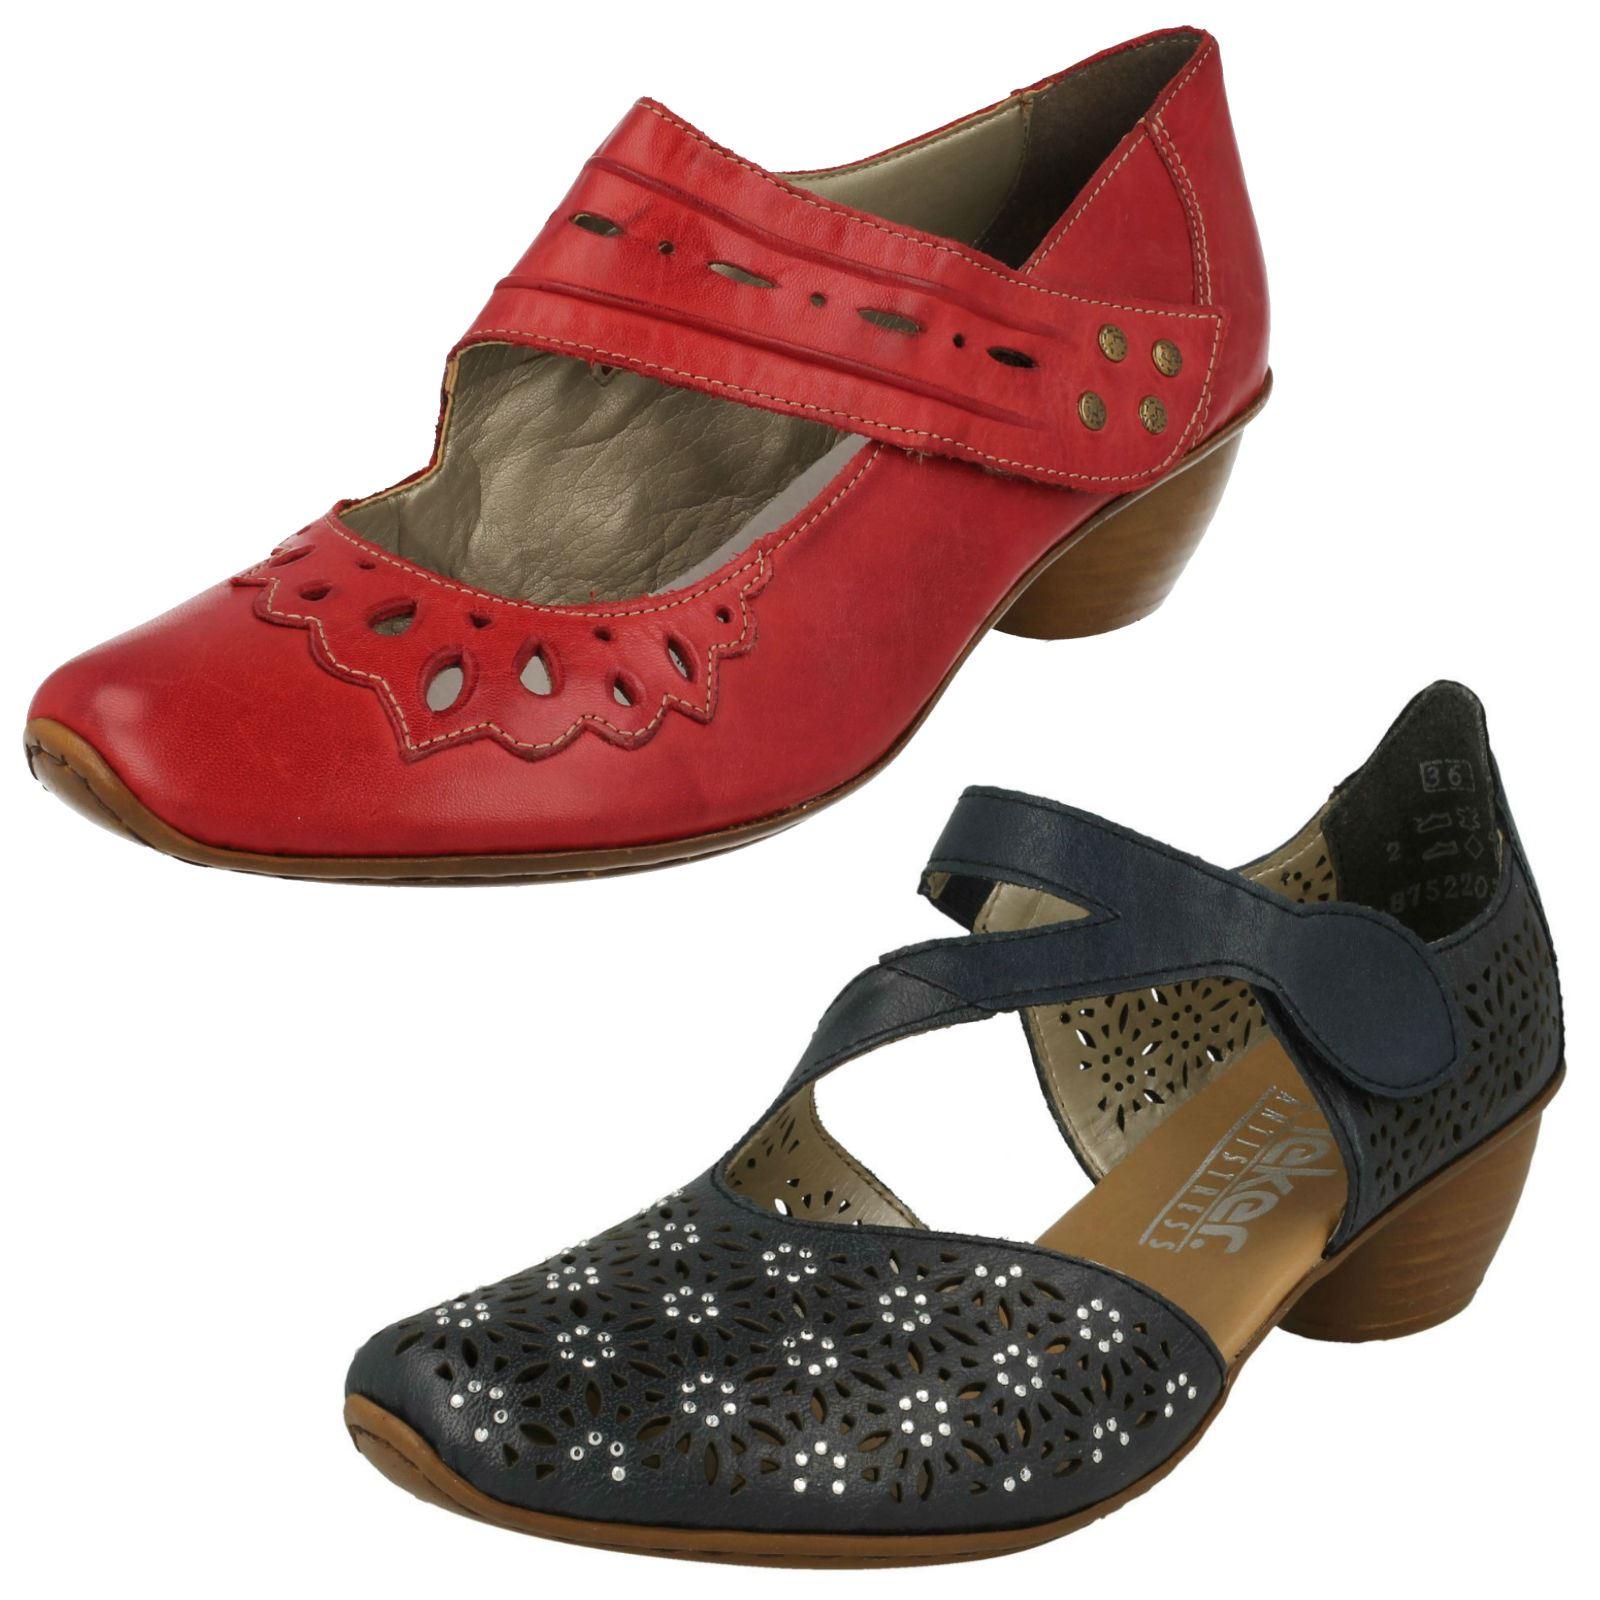 Damen Rieker Freizeit niedrig Absatz Schuhe  13346m   eBay d8a2fc3e9e